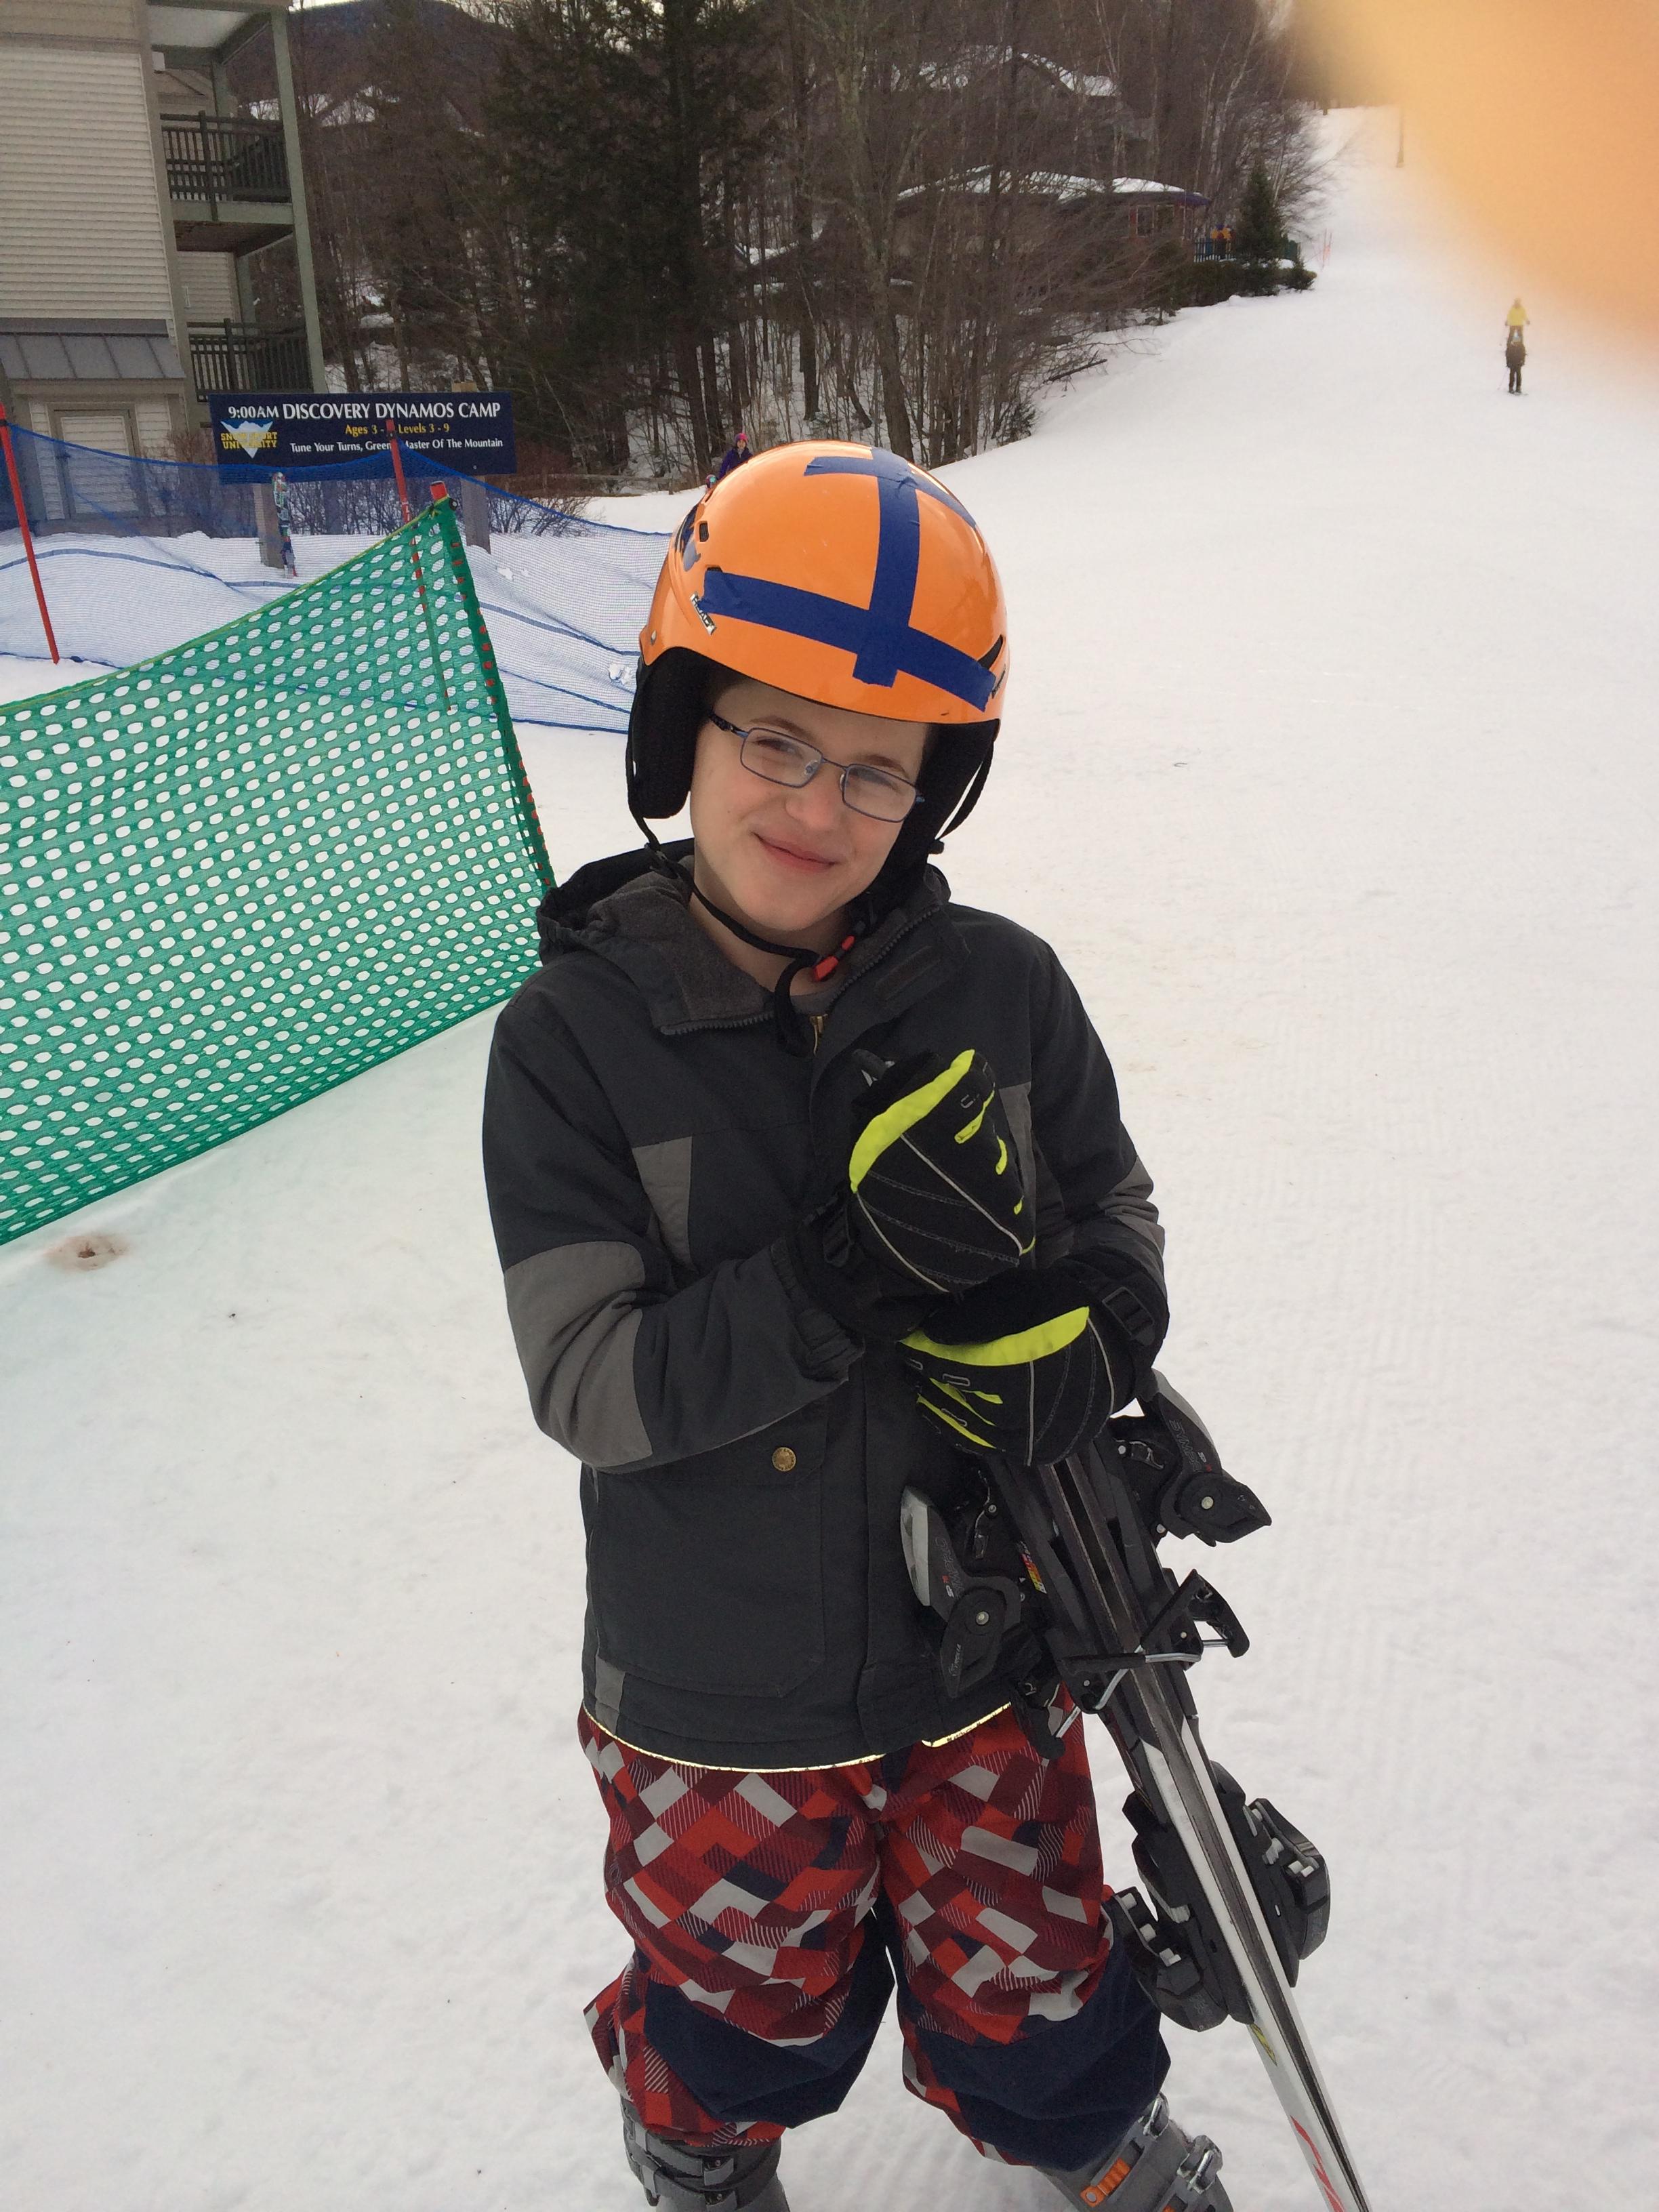 Jack skiing